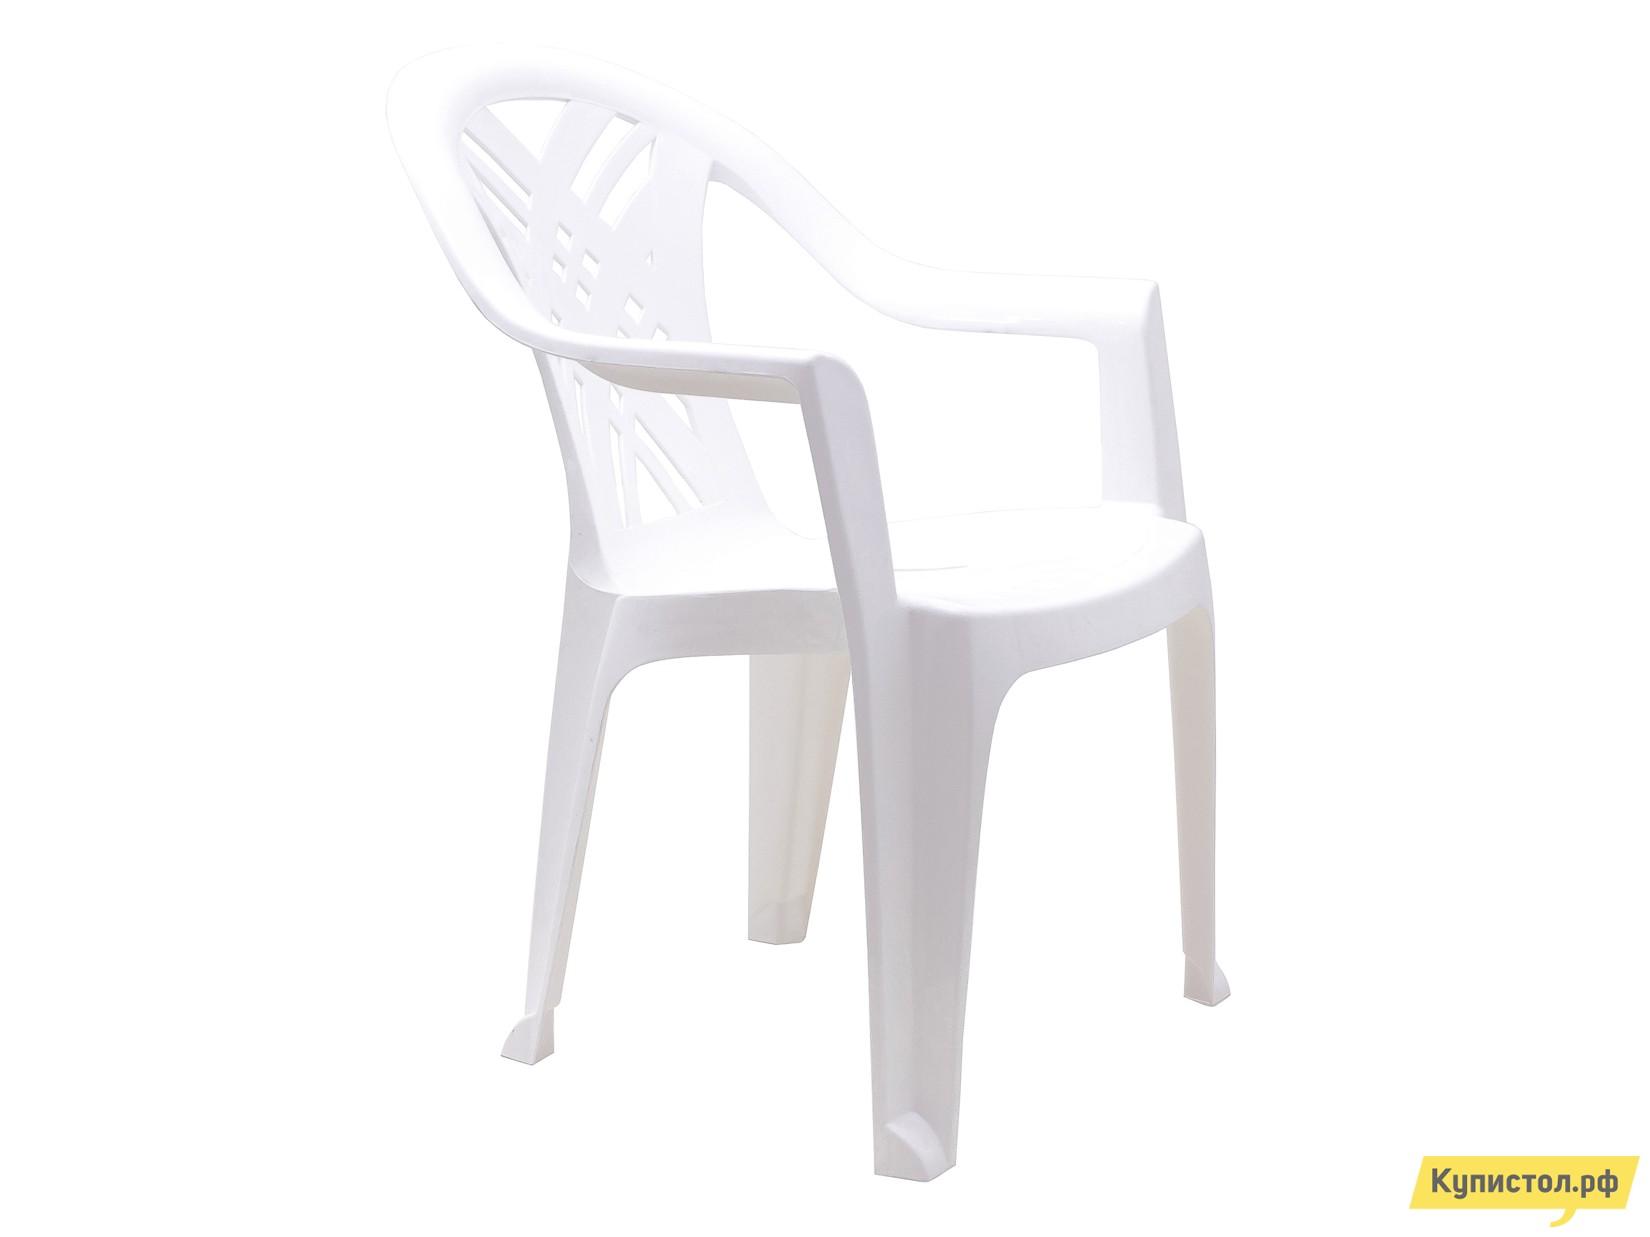 """Пластиковый стул Стандарт Пластик Кресло №6 """"Престиж-2"""" (660x600x840мм) Белый"""